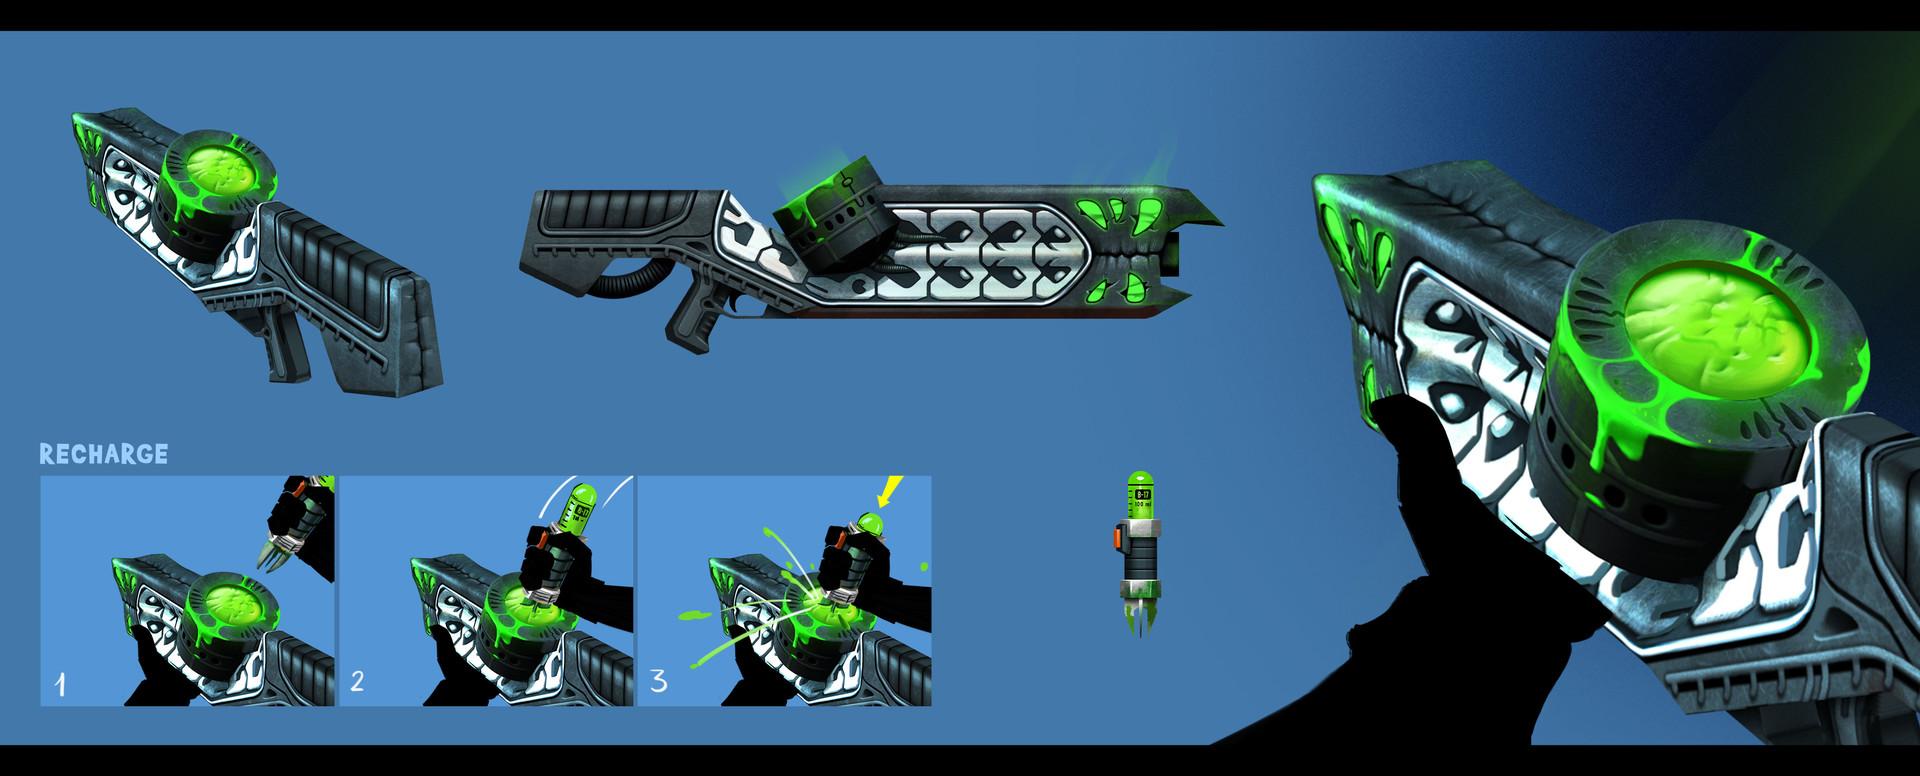 Sergey grunin poison gun concept 1